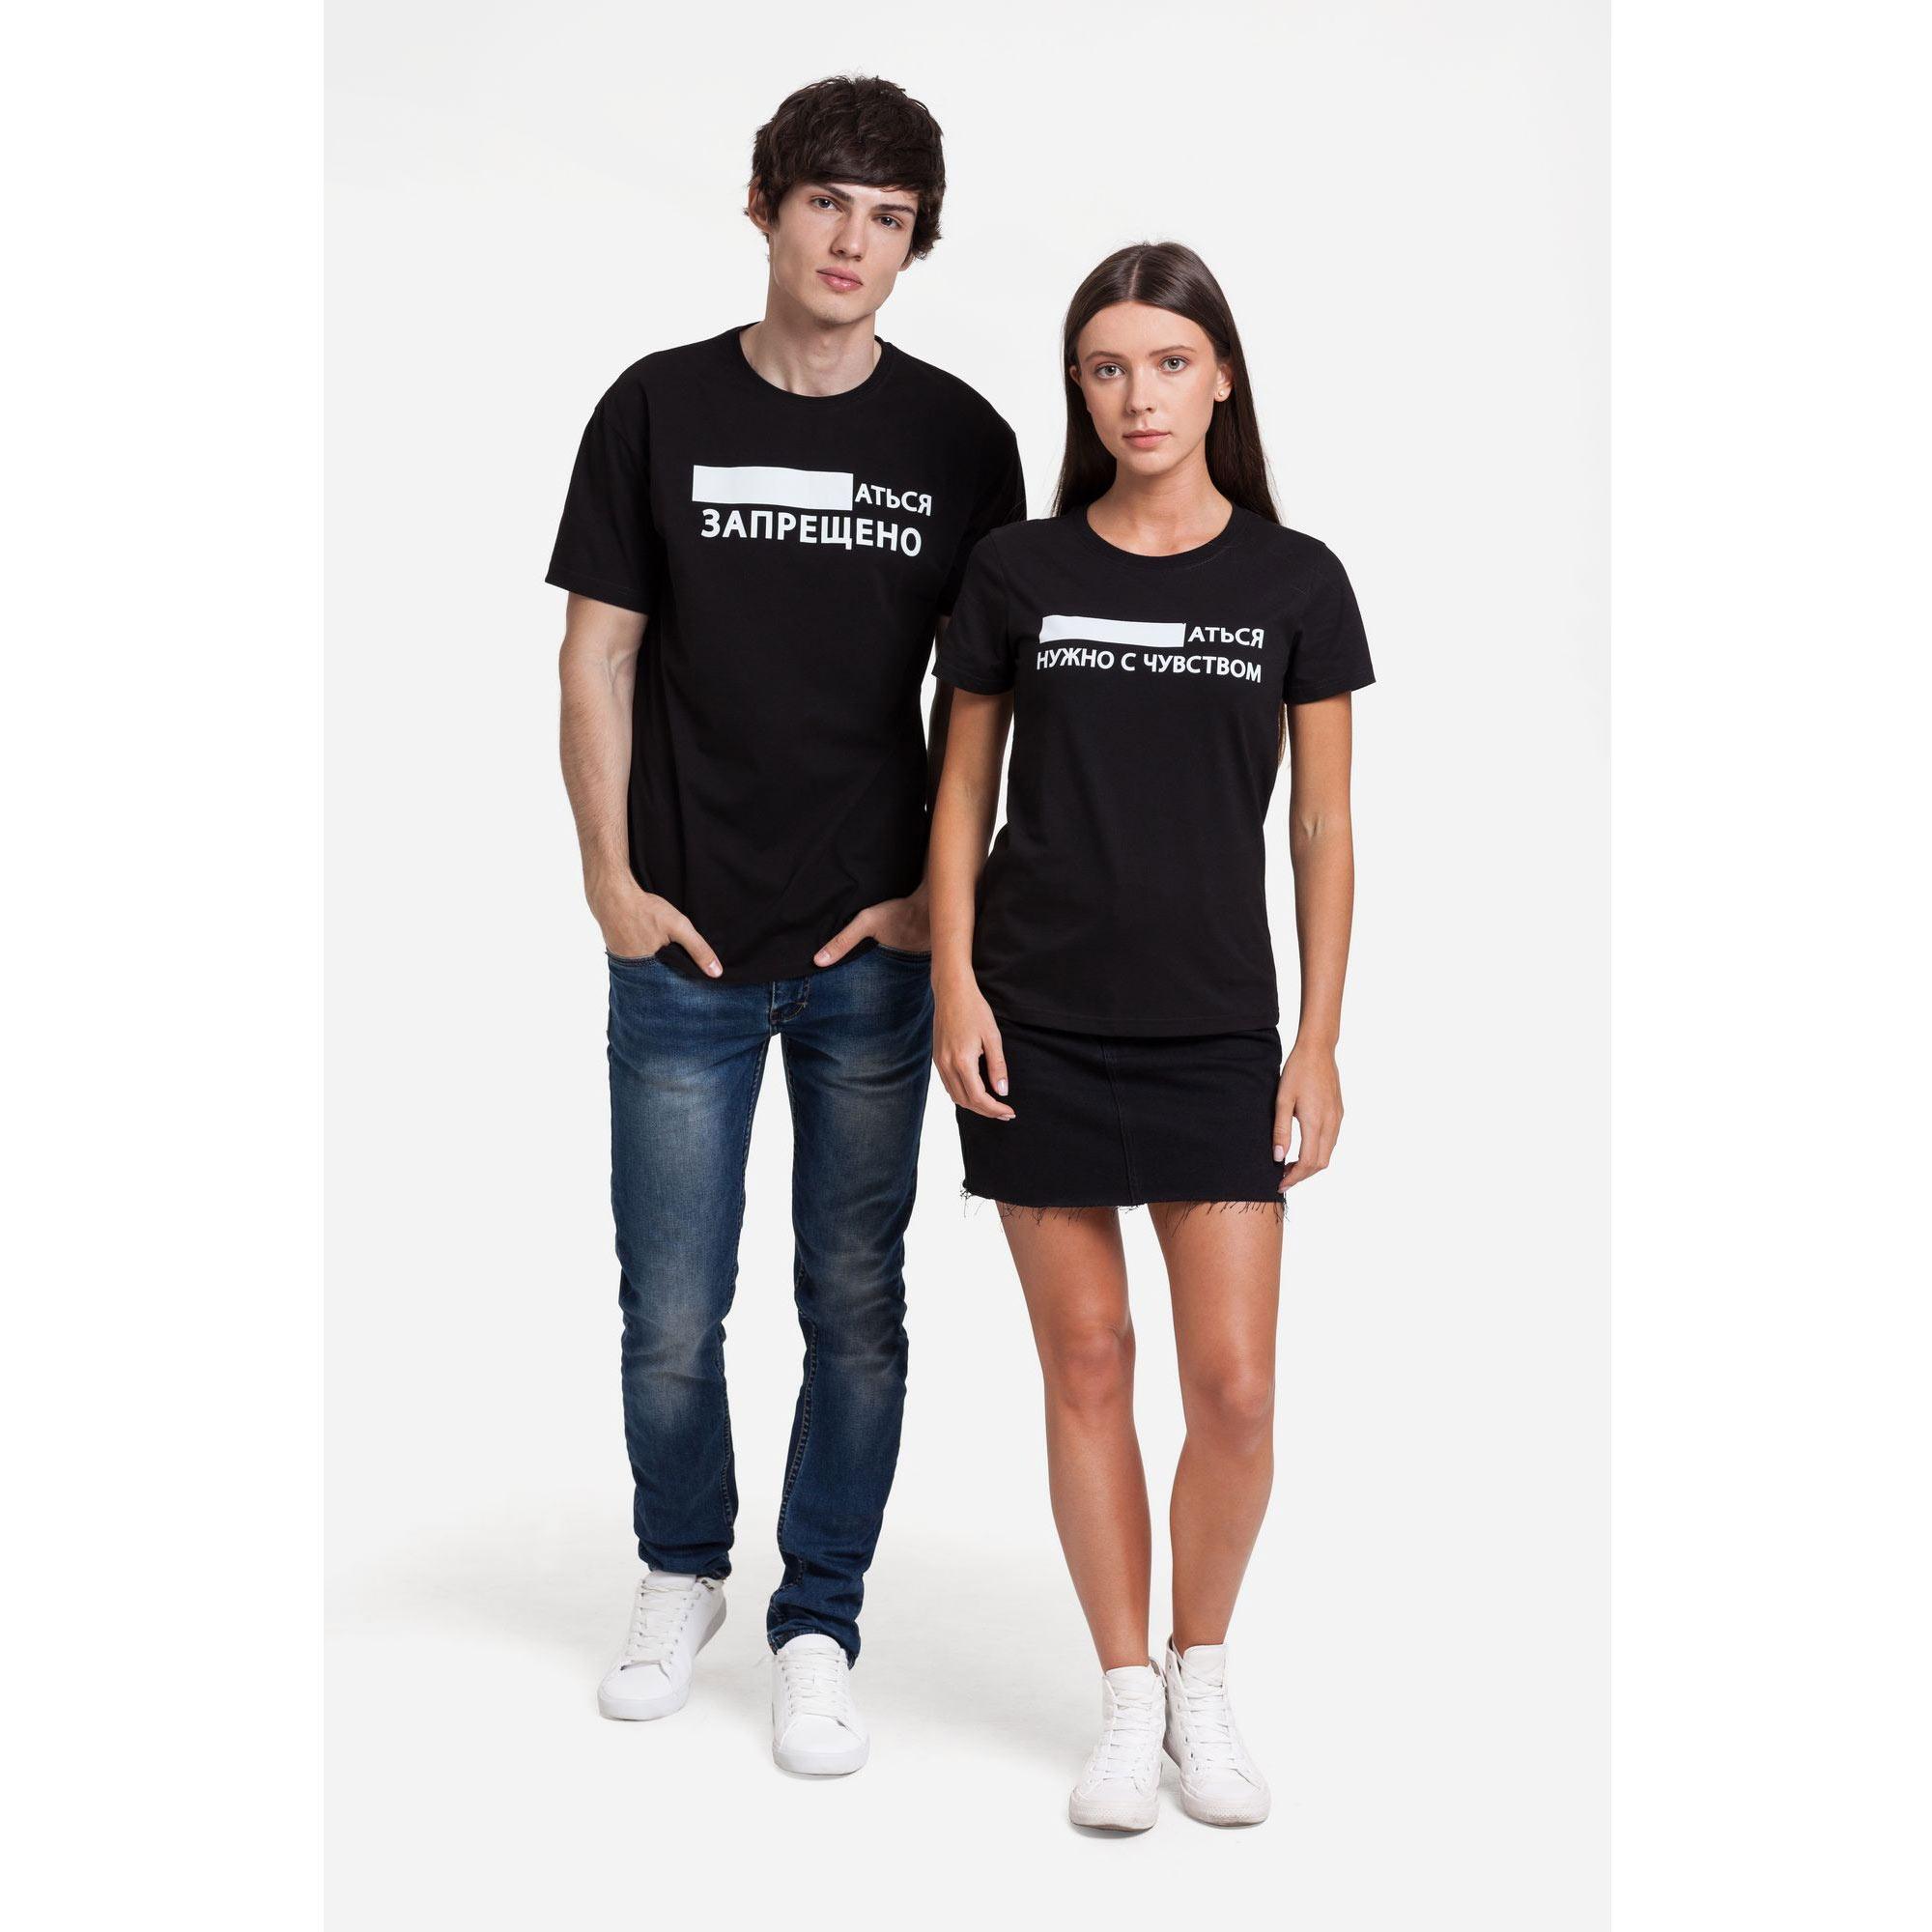 """Парные футболки """"...аться запрещено"""""""